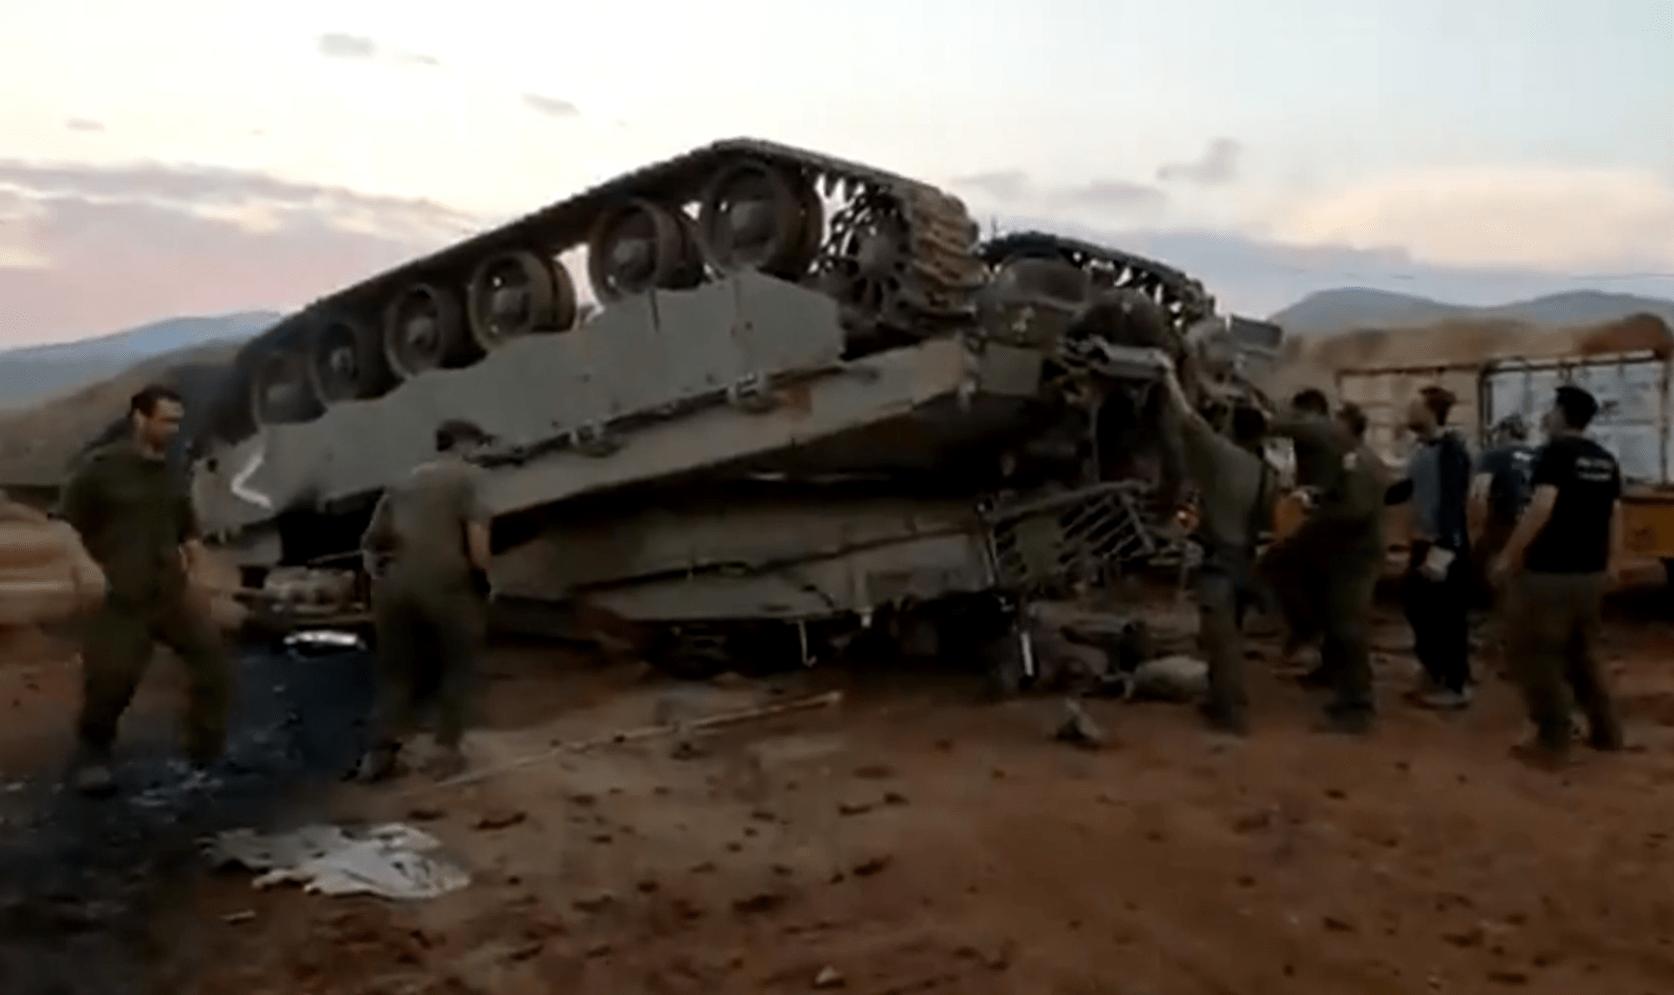 翻了个底朝天:以色列一辆梅卡瓦坦克从拖车掉落翻覆